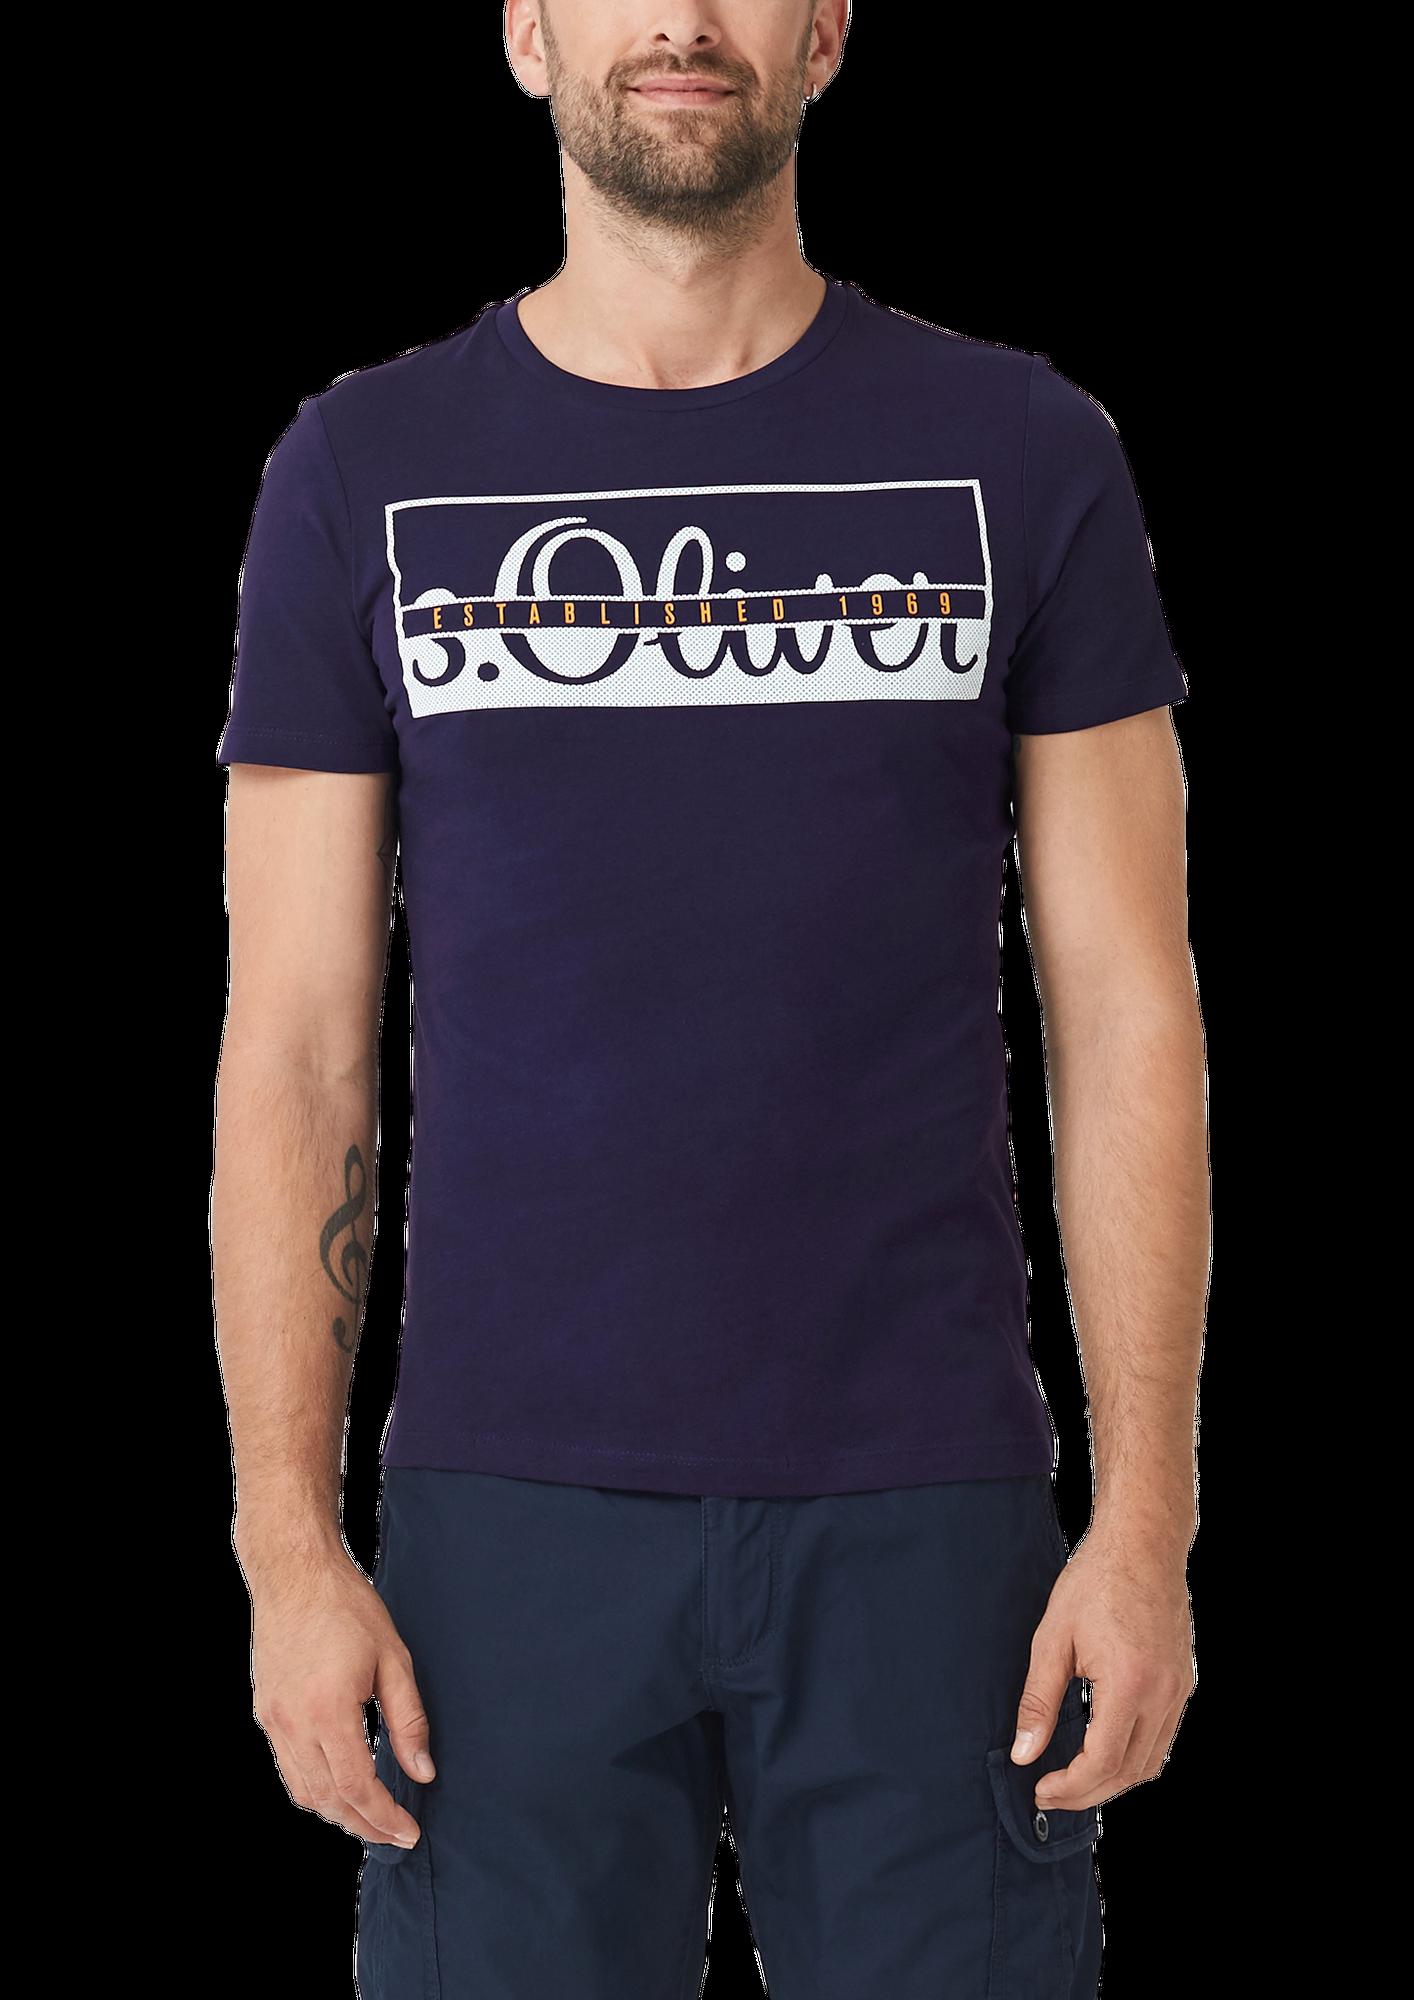 s.Oliver Herren T-Shirt, Rundhals Slim Fit, 2 Stück – Bild 4